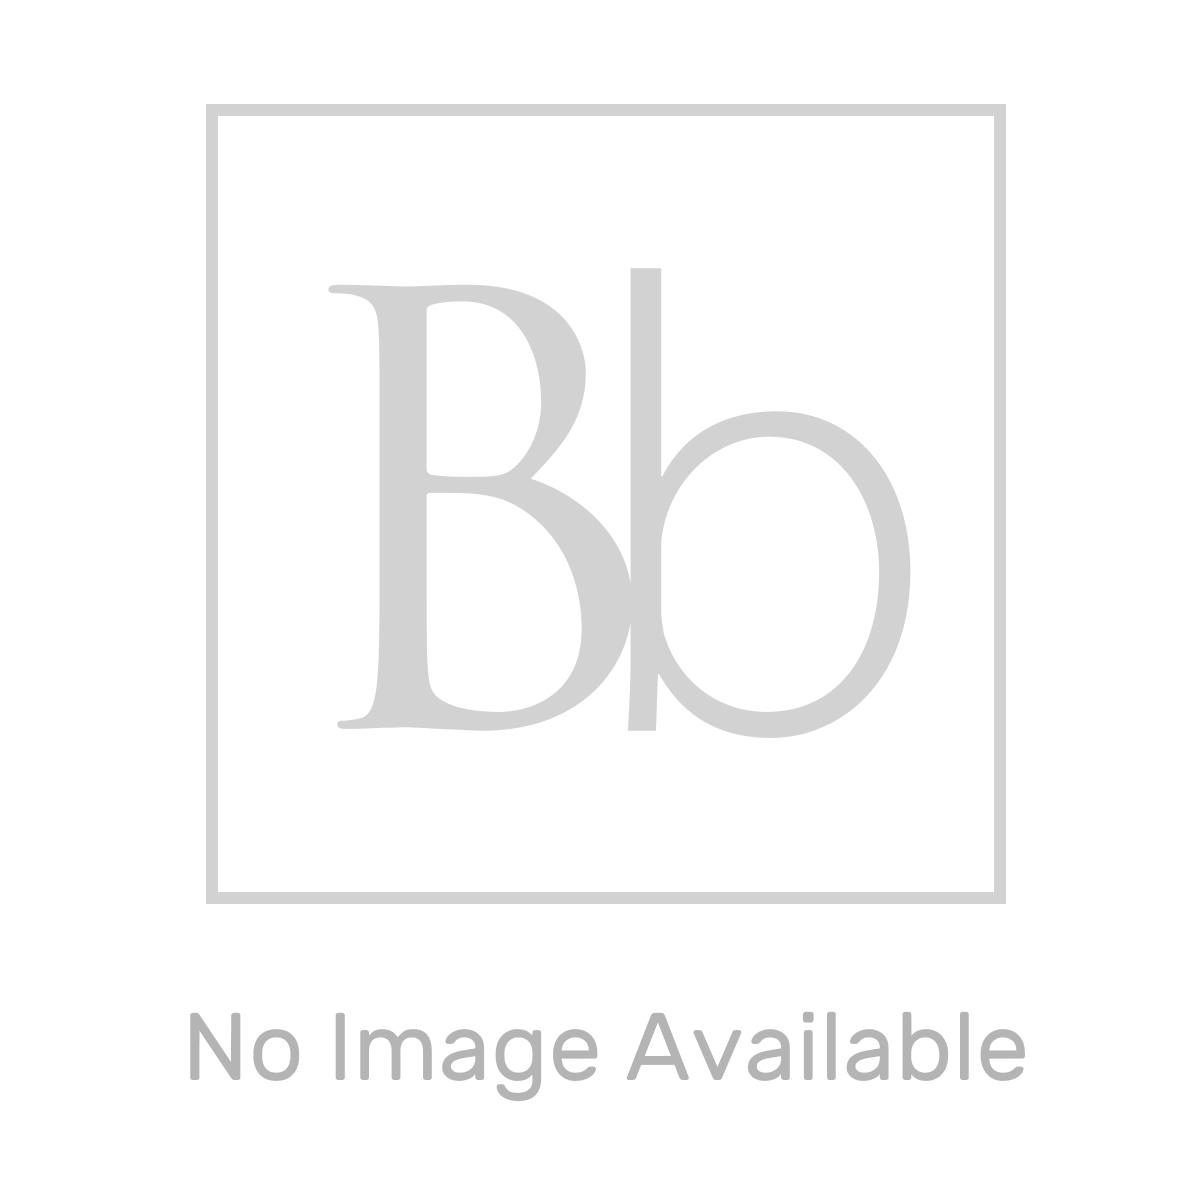 Nuie Blocks Satin Blue 2 Door Floor Standing Vanity Unit  with 40mm Profile Basin 600mm